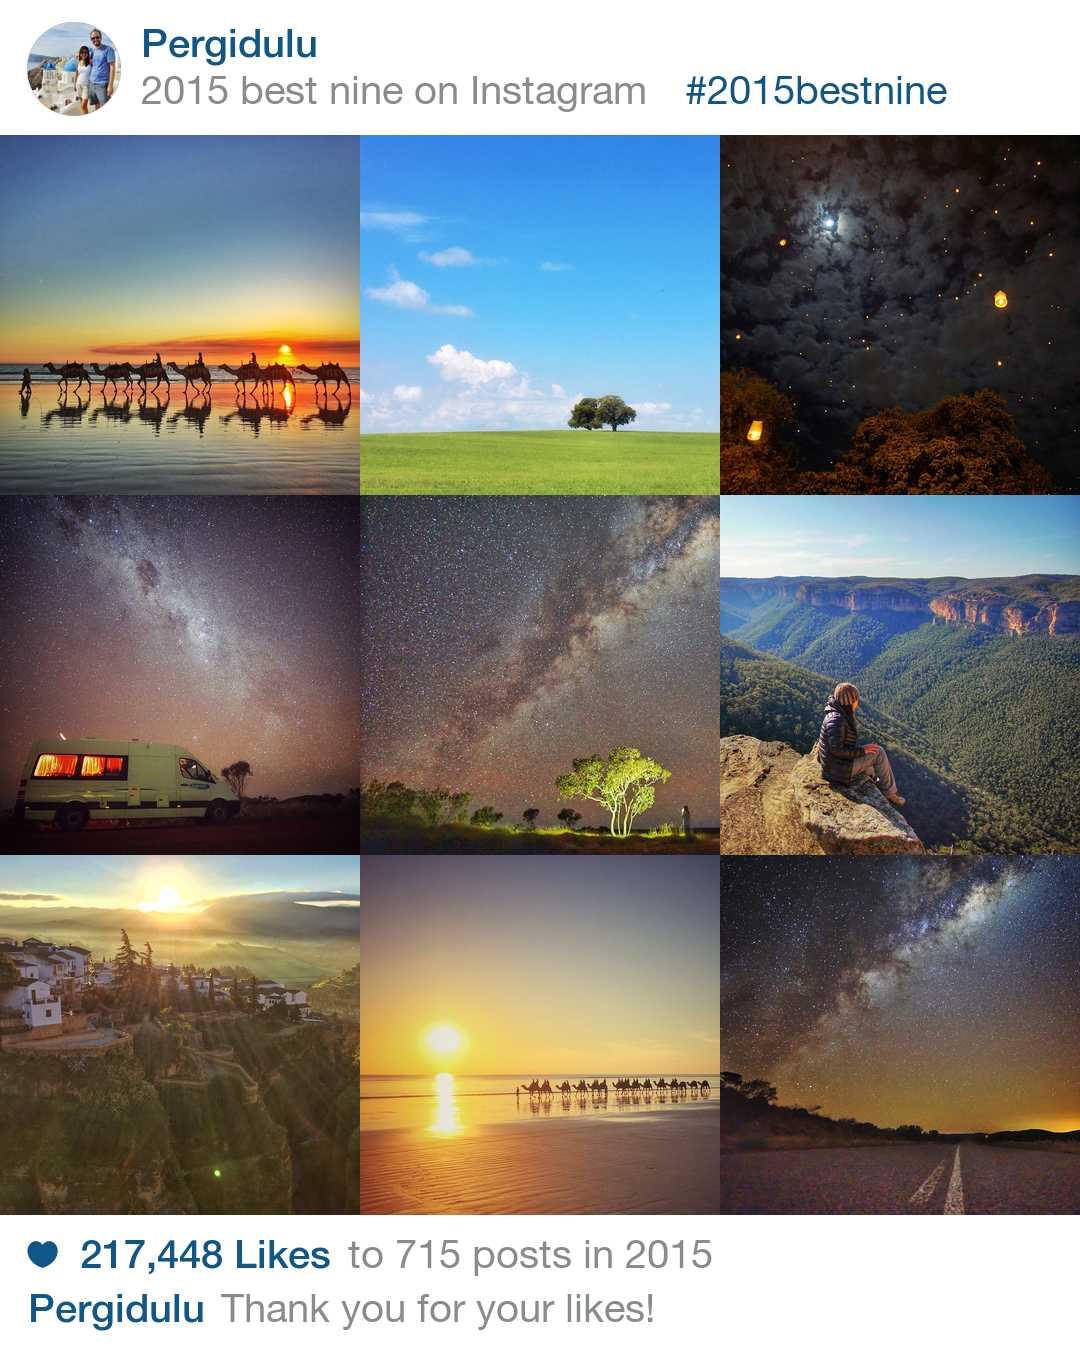 Cara Membuat Best Nine 2015 Foto Instagram Kalian Dengan Aman